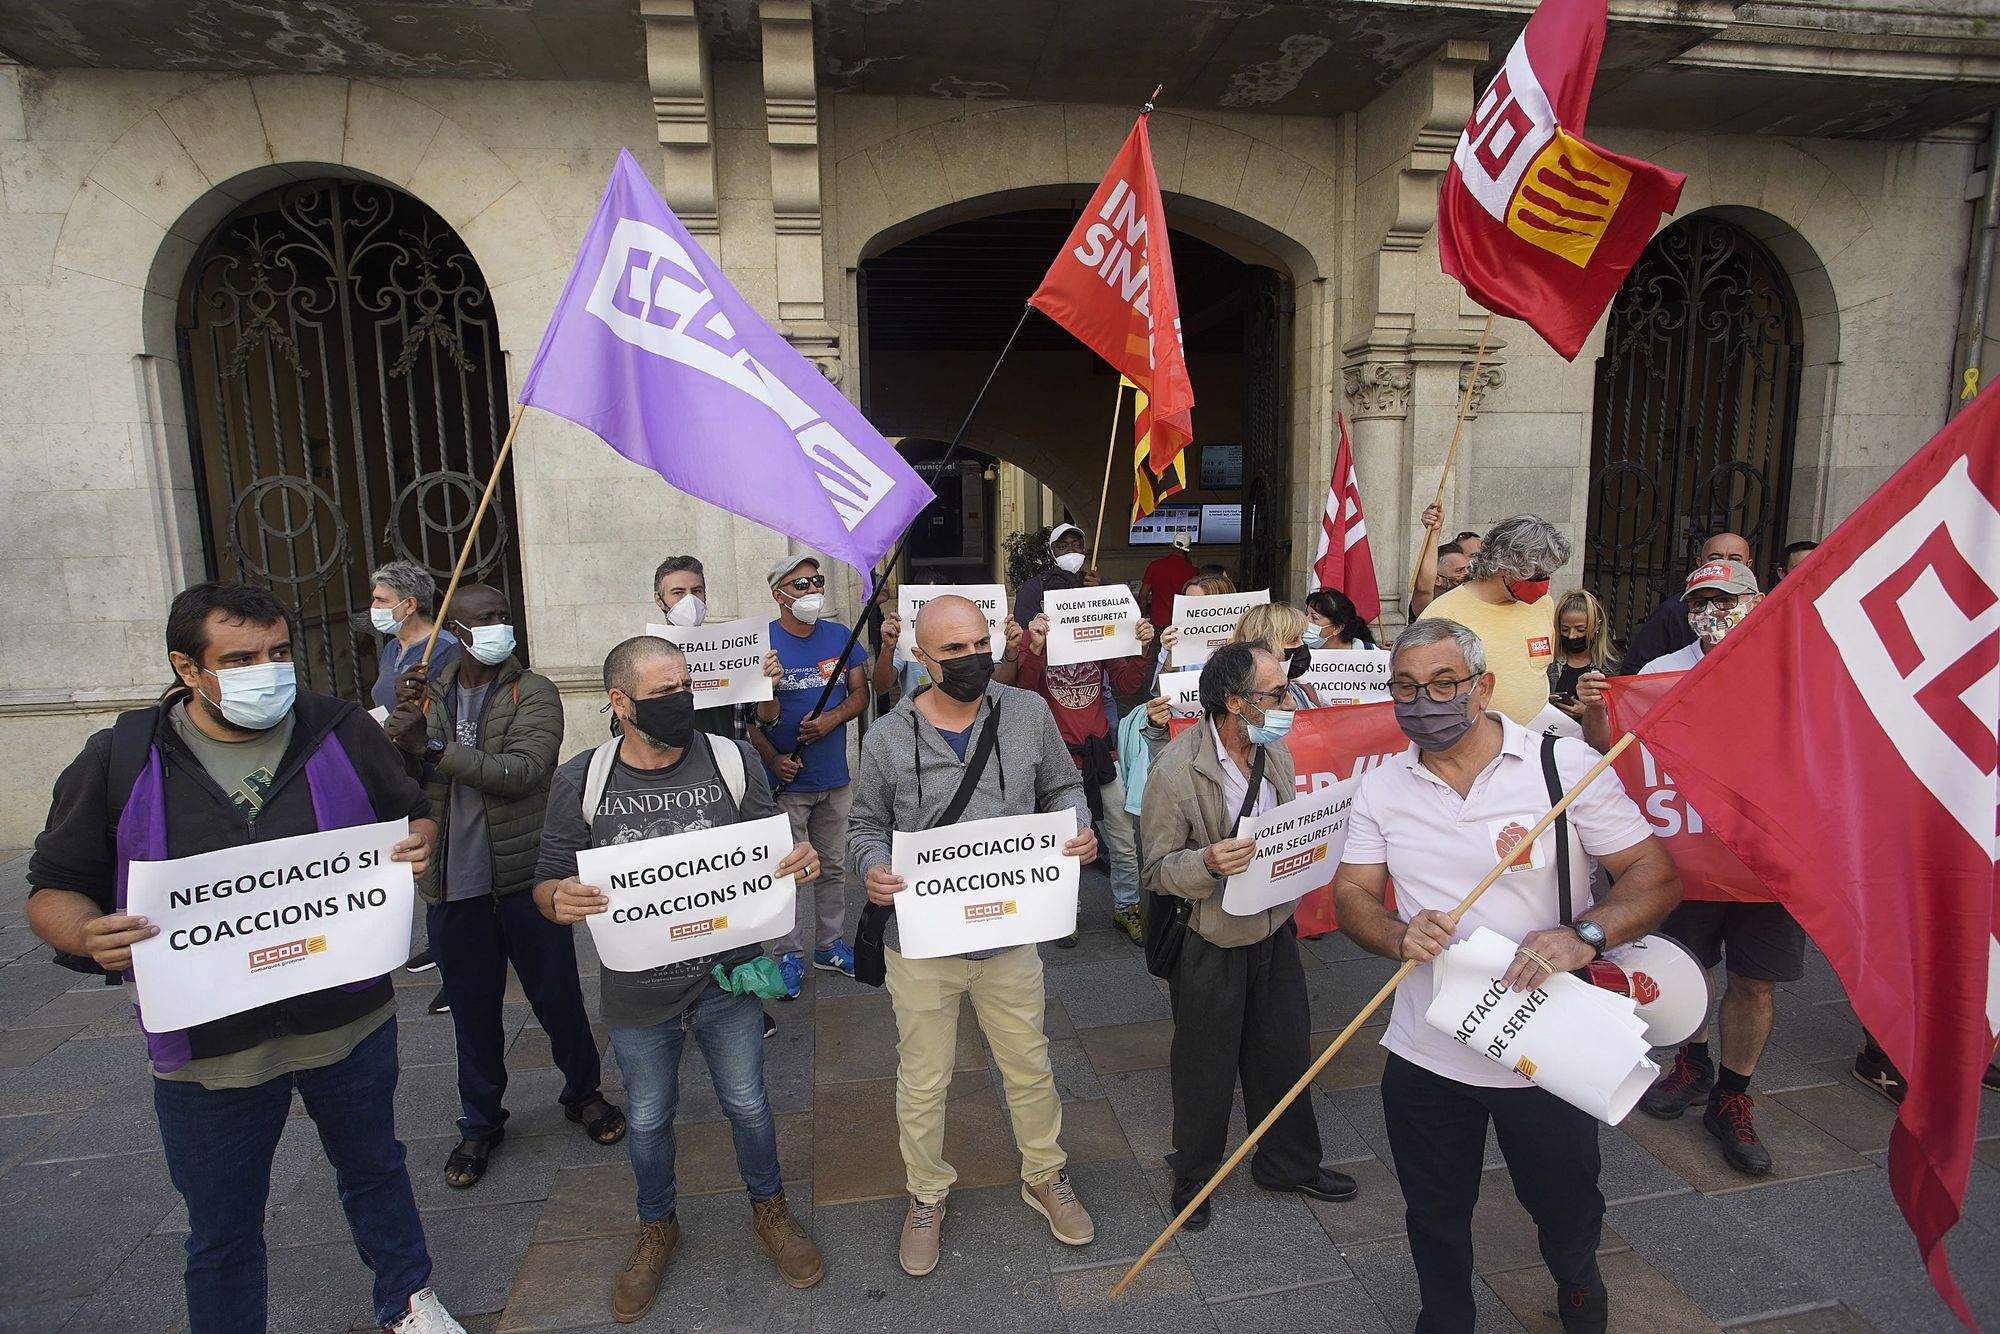 Treballadors de Girona+Neta lamenten que els «criminalitzin» per la brutícia i ho atribueixen a «retallades encobertes»